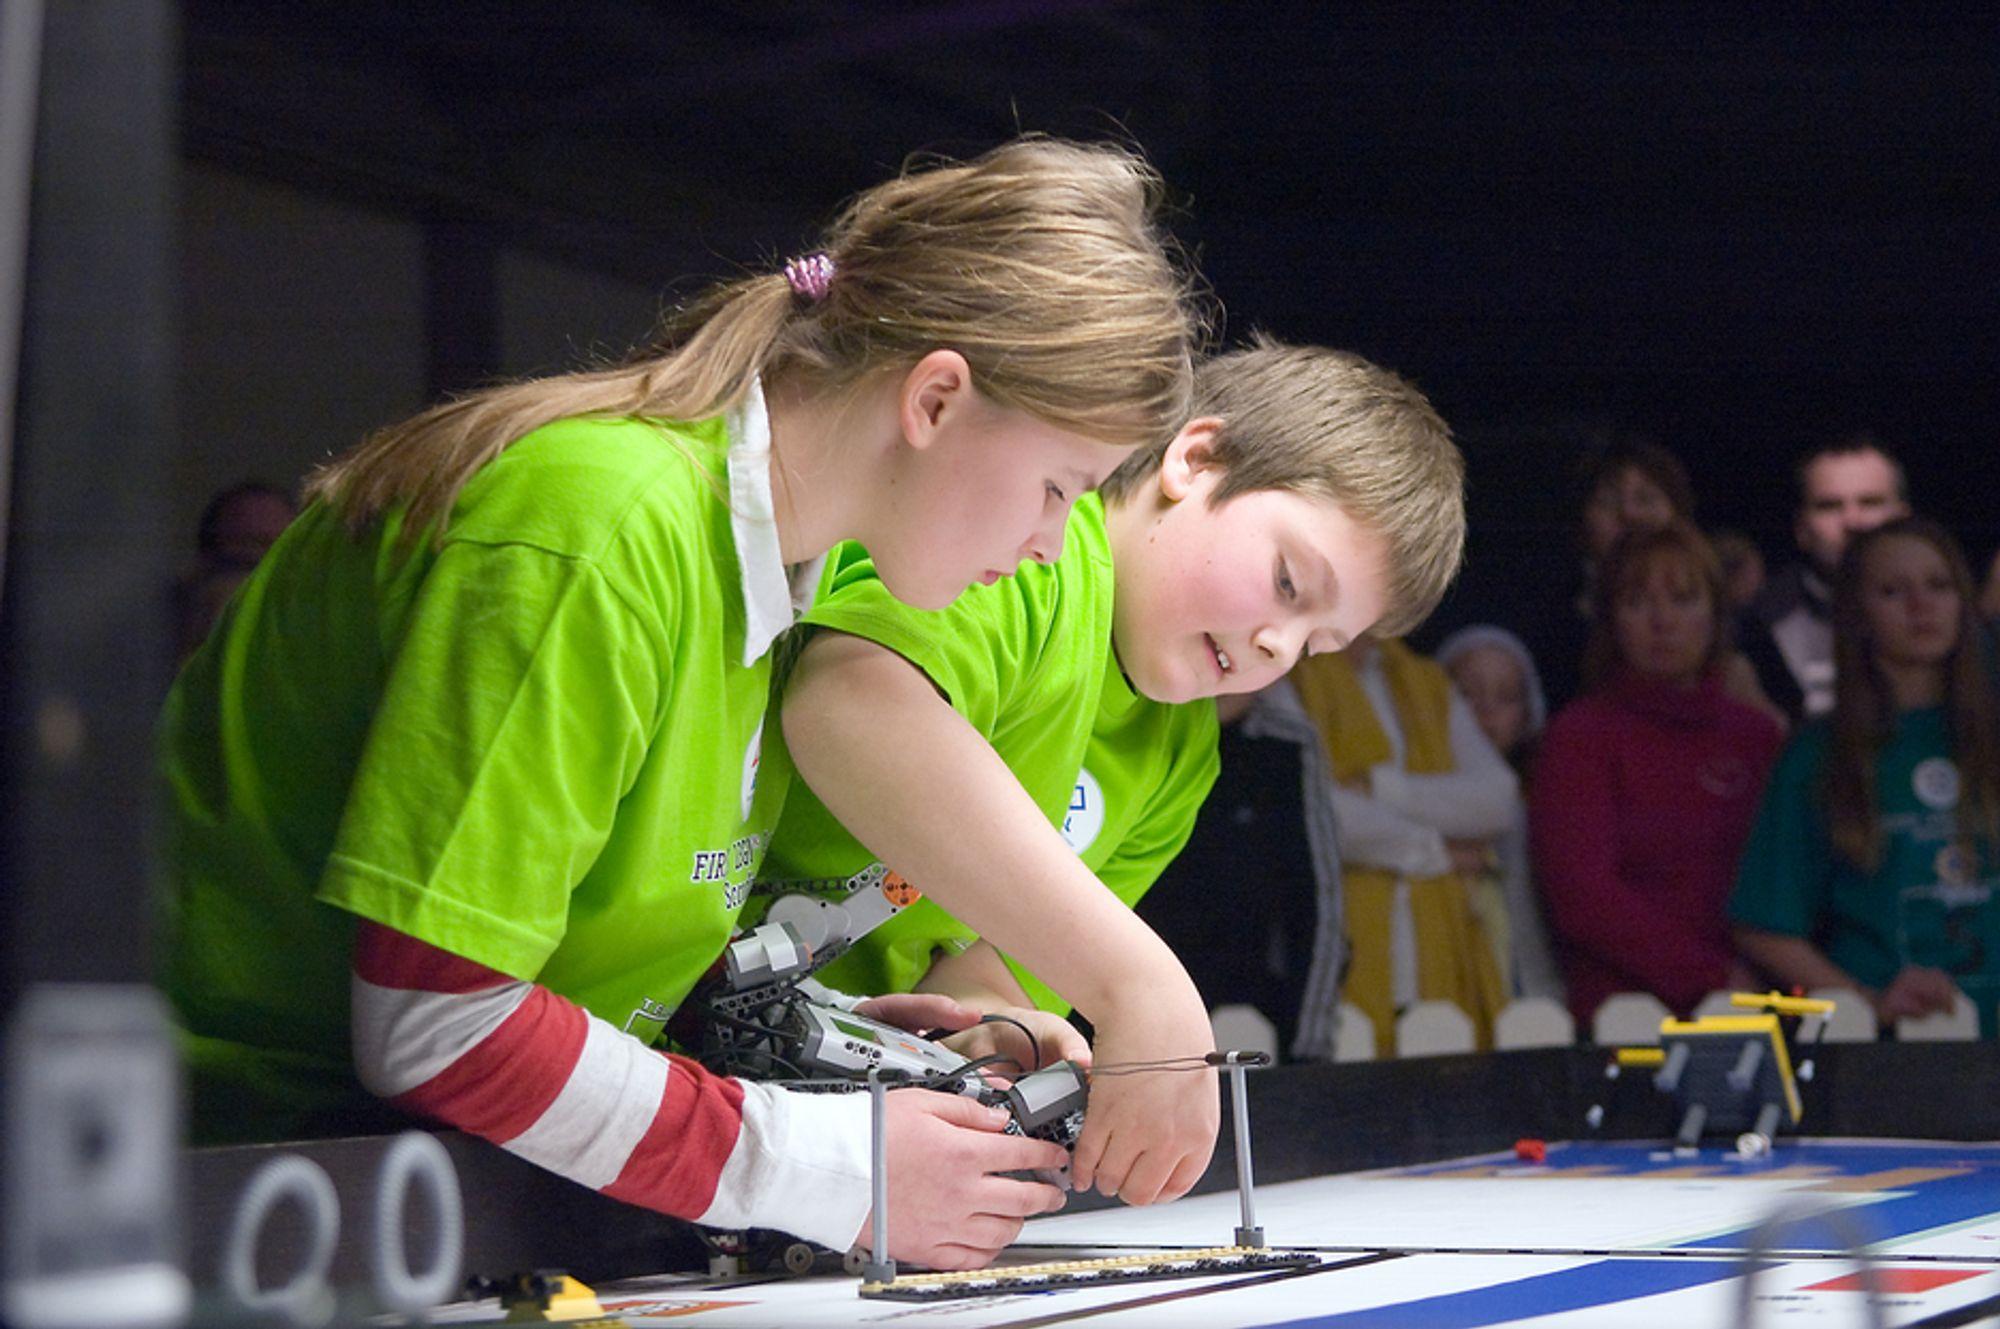 IVRIGE: Deltagerne i First Lego League-konkurransene er ivrige. De legger stort arbeid over flere ned i å bygge, utvikleog fortelle om oppgavene de skal løse.